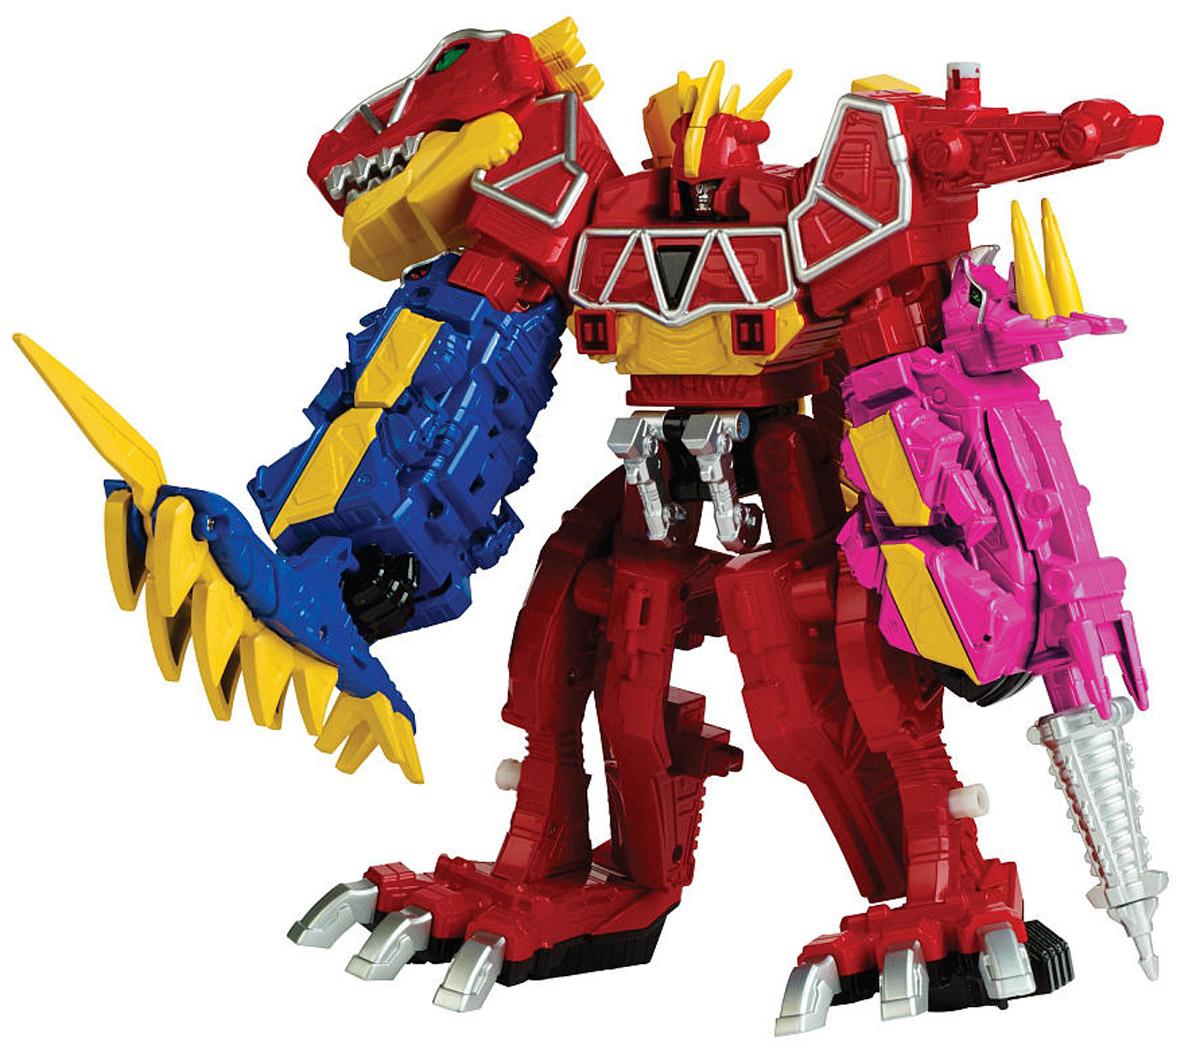 Power Rangers Трансформер Мегазорд цвет красный синий фуксия43095_43096_красный, синий, фуксияПотрясающий трансформер Power Rangers Мегазорд, который по достоинству оценят юные поклонники популярнейшего телесериала для детей Могучие рейнджеры: Дино Заряд. Большой боевой робот Мегазорд разбирается на три Дино Зорда - динозавроподобных роботов. Вы можете атаковать противника как отдельными полностью самостоятельными модулями, так и в собранном виде, чтобы утроить силу вашего Дино Мегазорда! Создавайте собственные баталии, сокрушайте врагов с помощью невероятно мощного и непобедимого диноробота! В комплект набора входит Дино заряд, активирующий еще больше игровых возможностей. Как и все игрушки серии Zord Builder, составные части Мегазорда совместимы с другими игрушками этой коллекции. Собрав несколько наборов, вы можете создавать оригинальных и еще более мощных роботов.